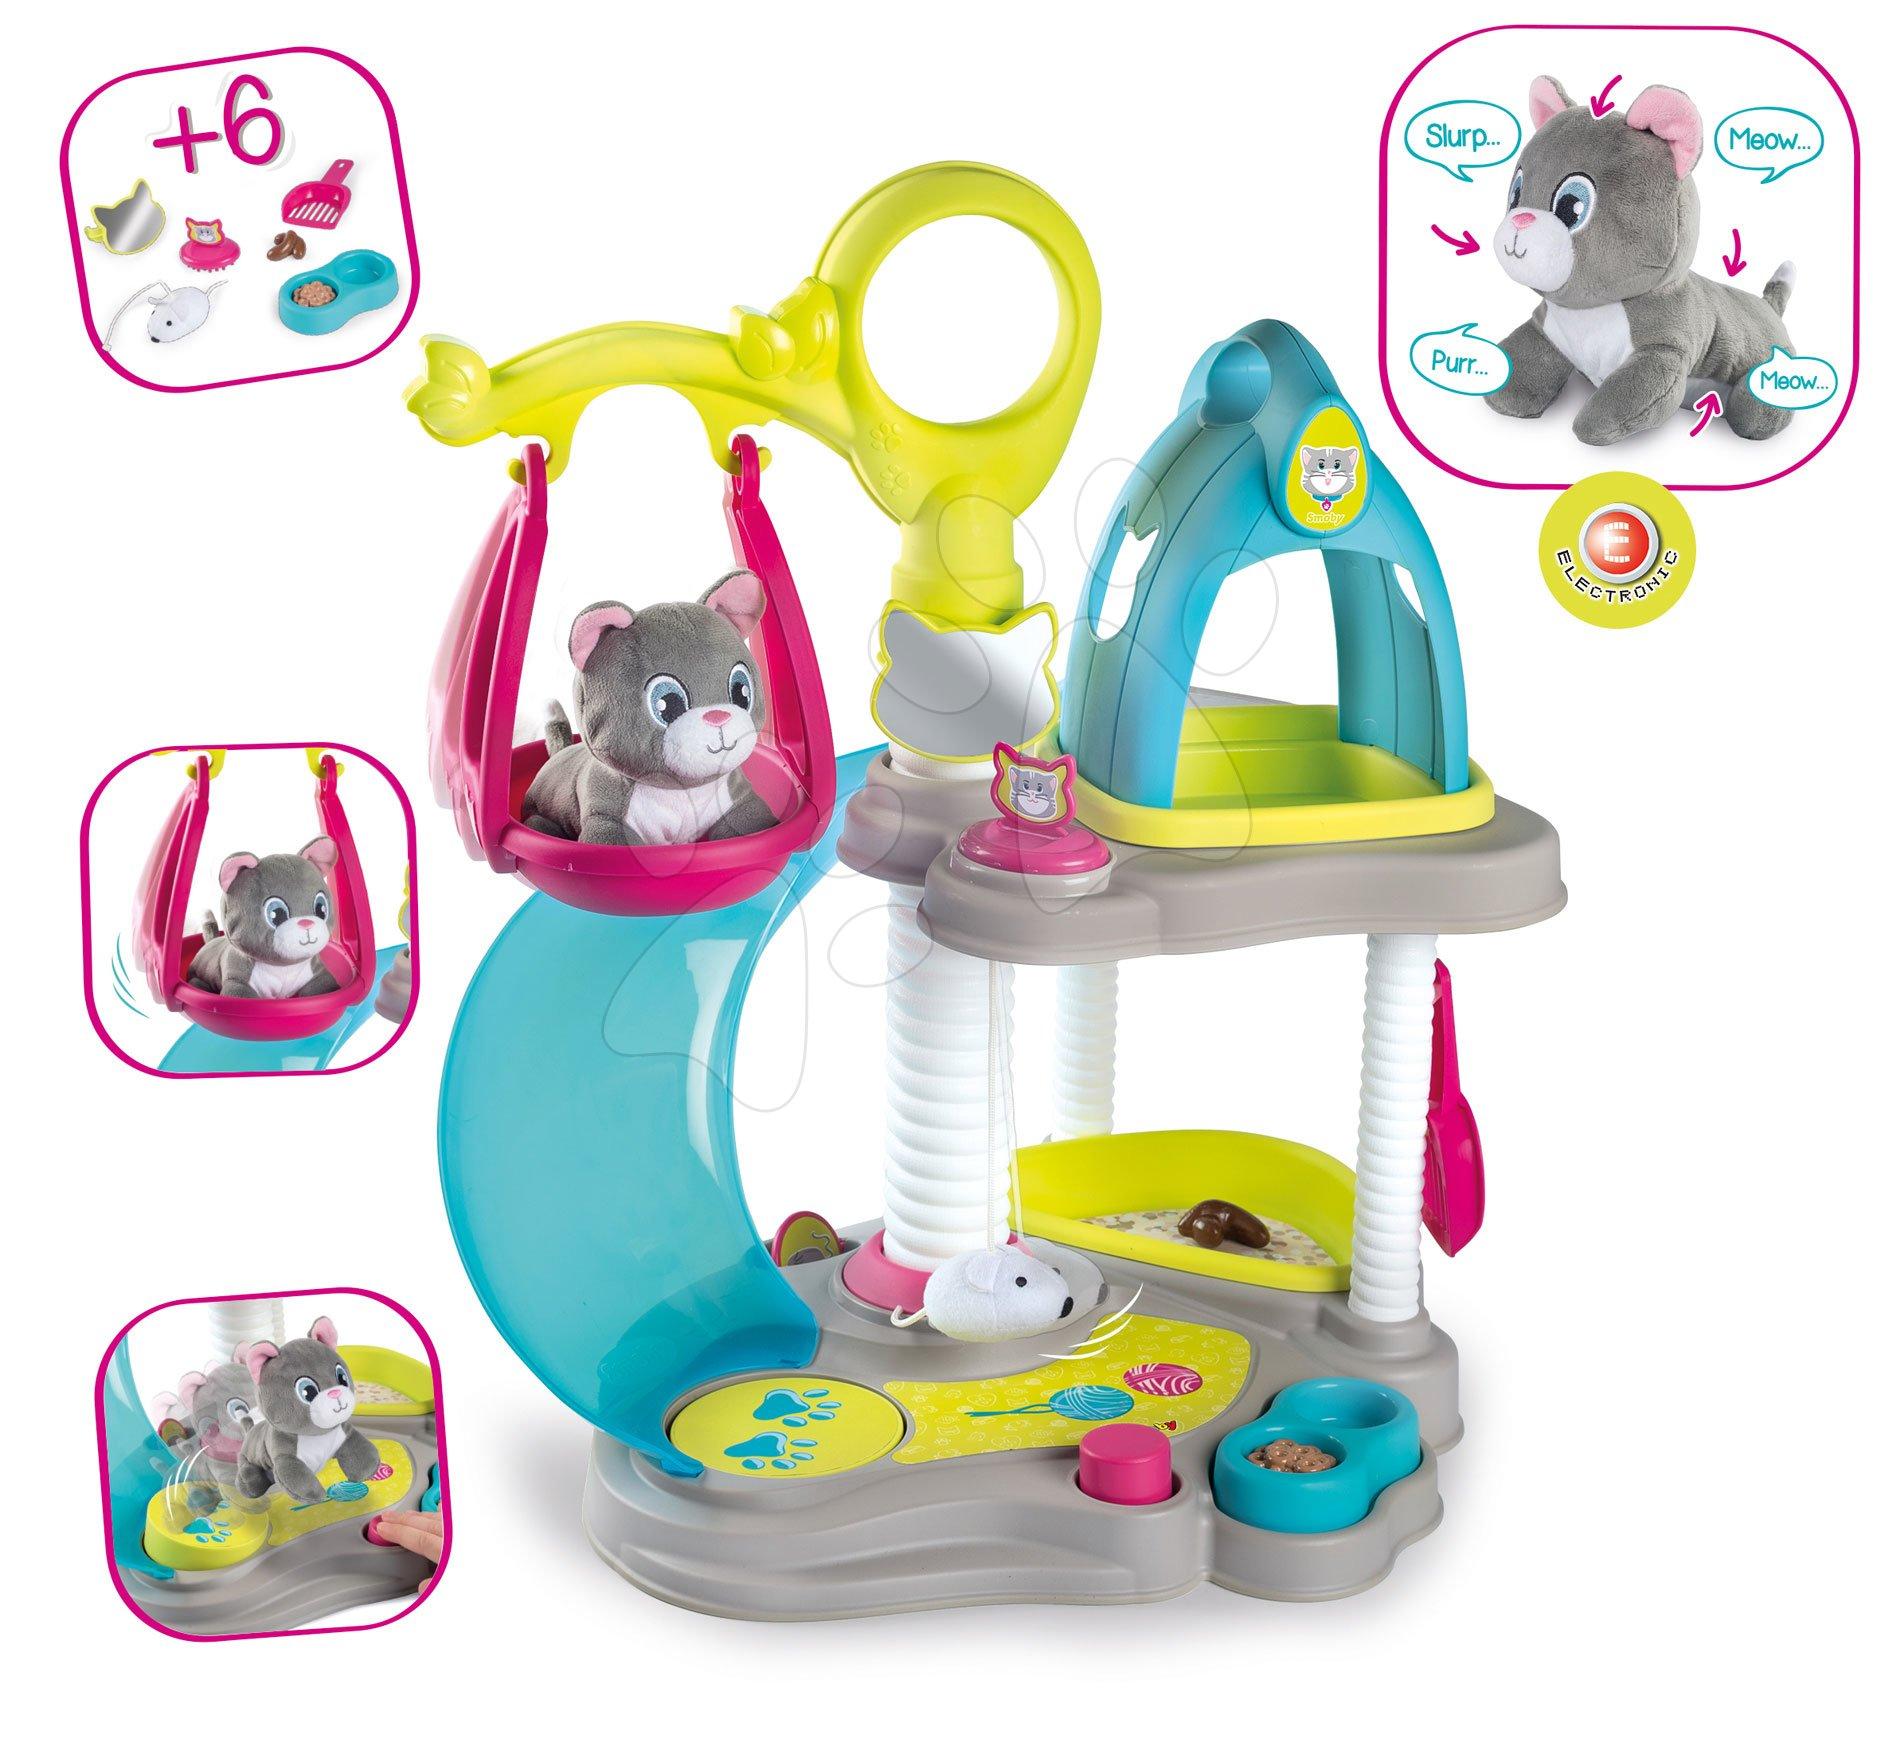 Domeček pro kočičku Cat's House Veterinary Smoby elektronický se zvuky a skluzavka s houpačkou a 6 doplňků